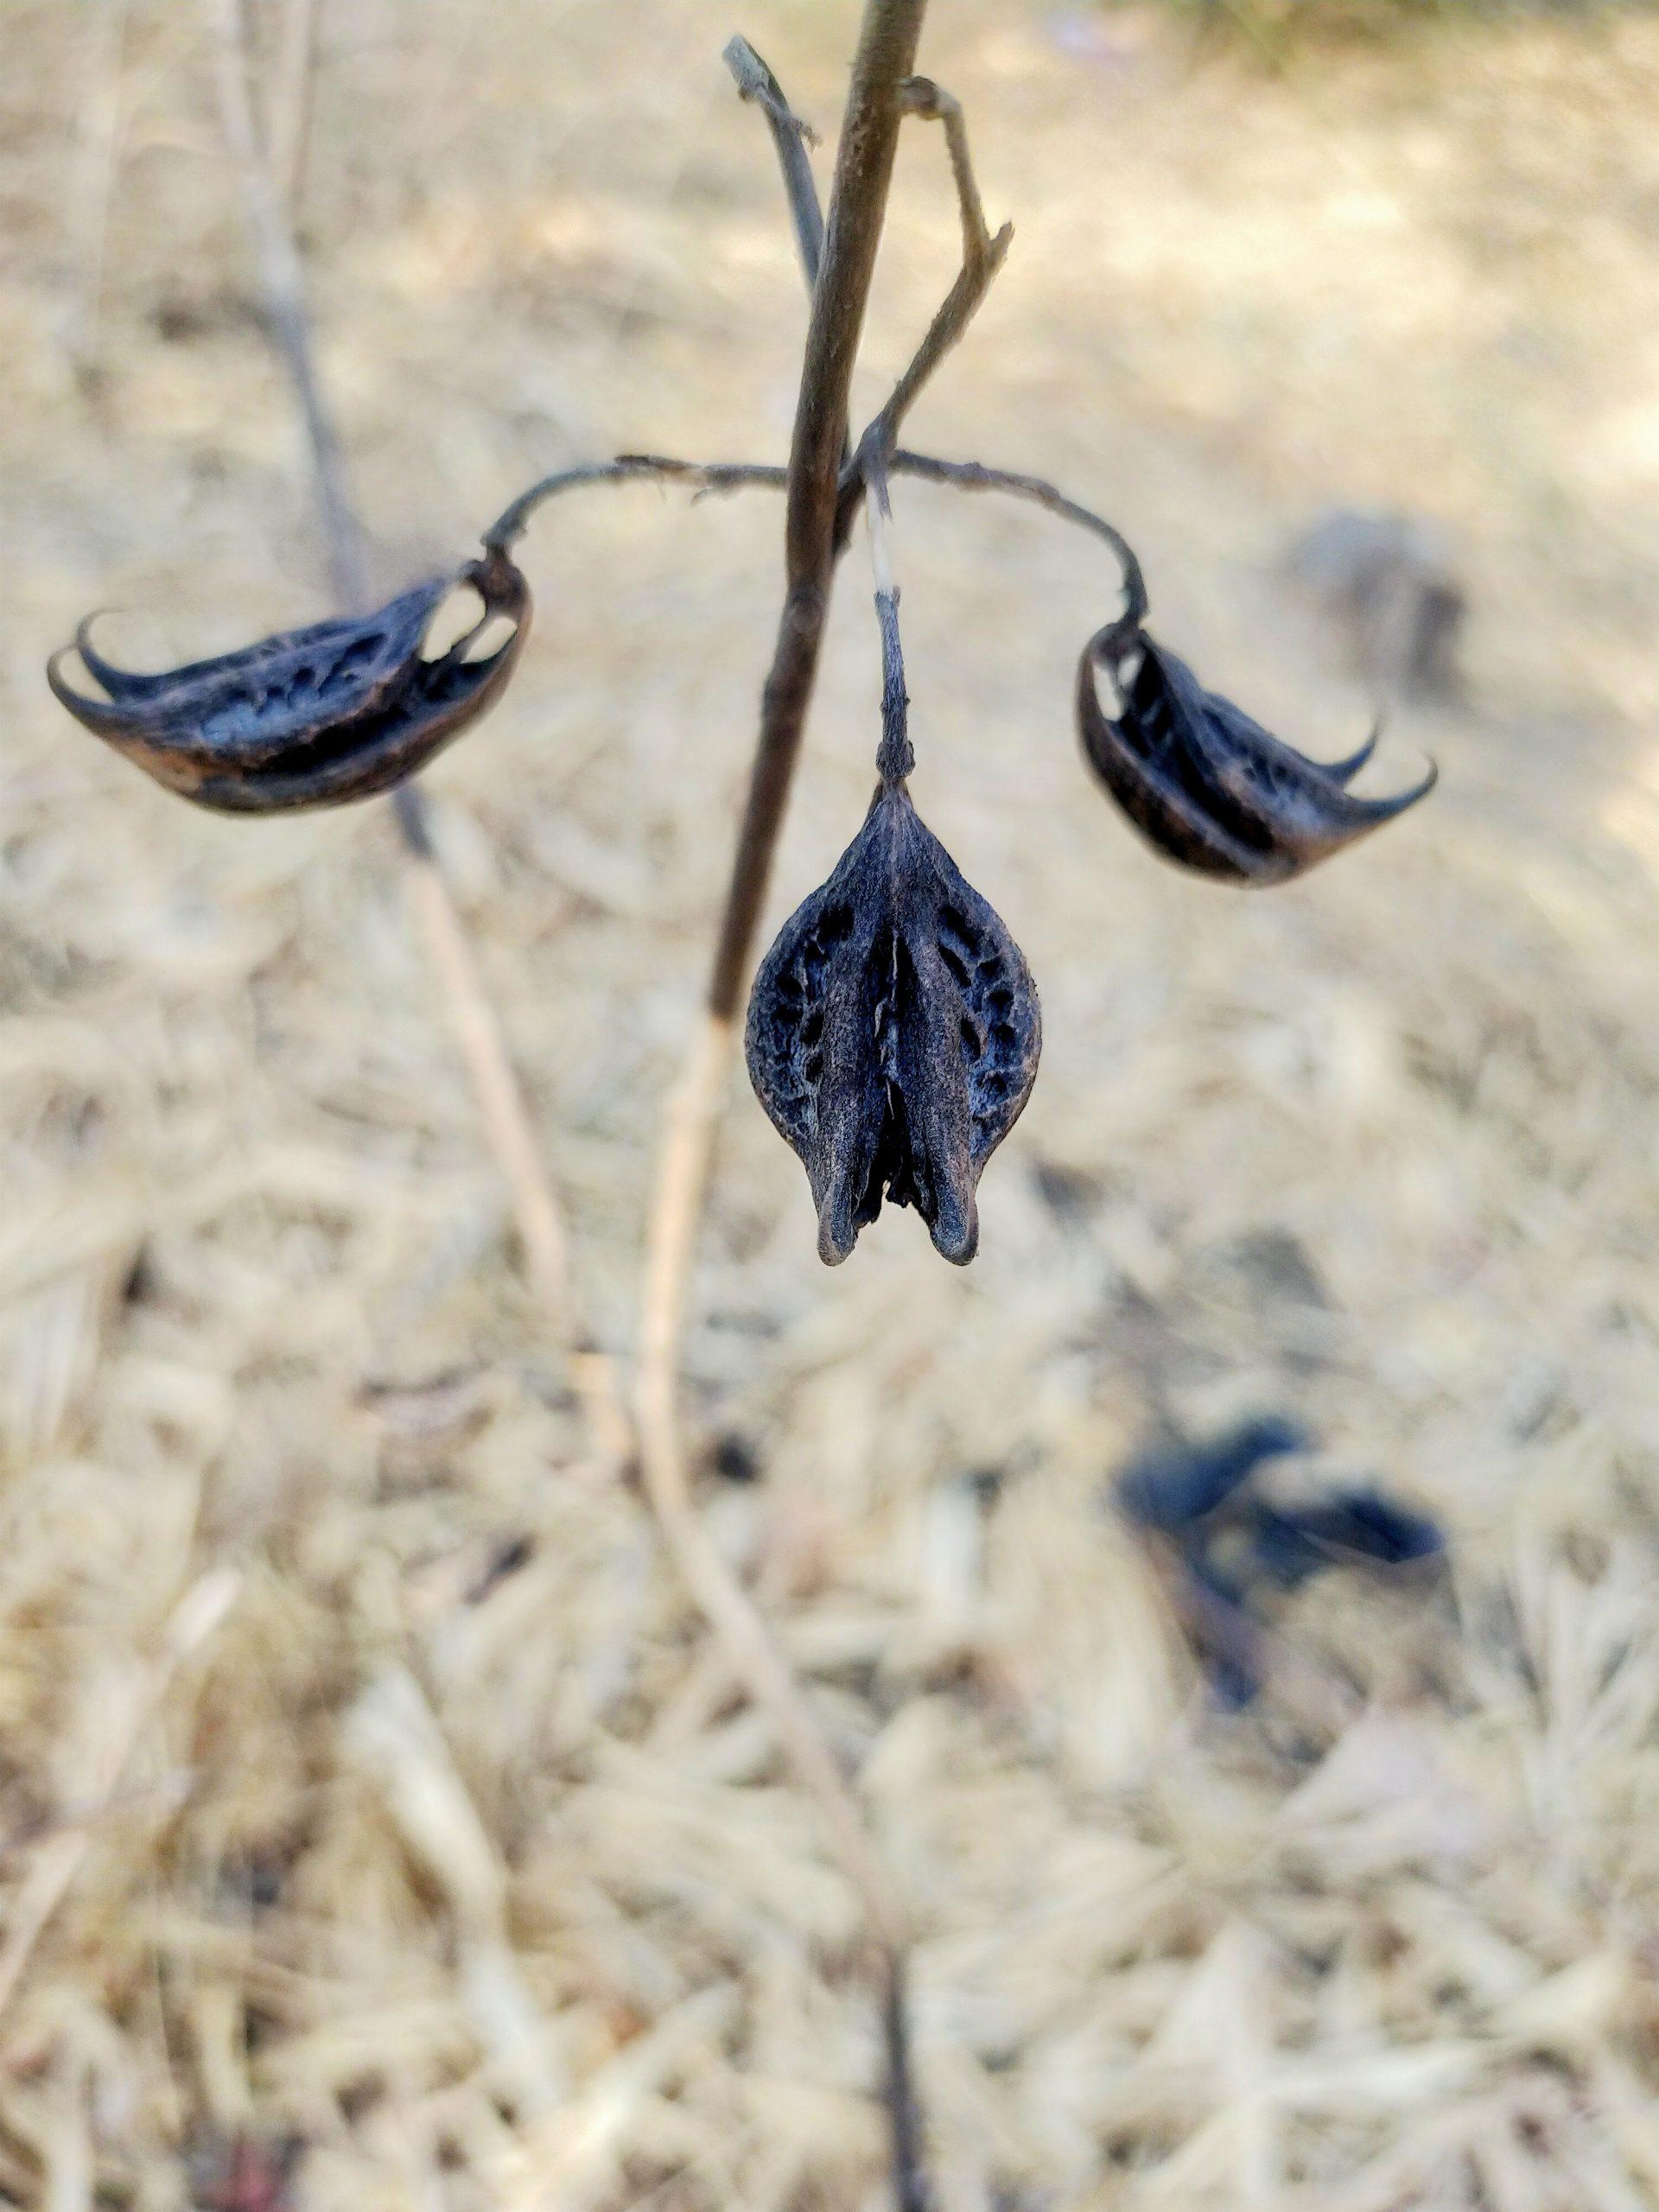 Seeds on plant